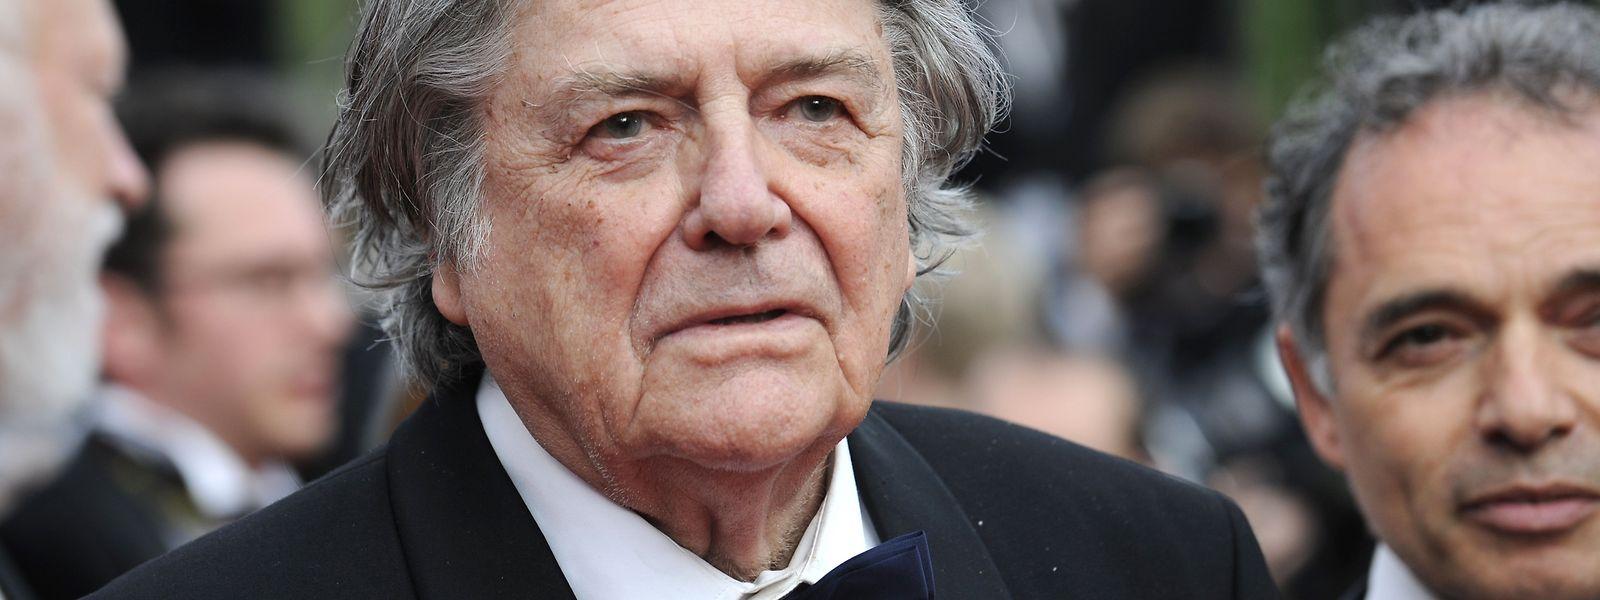 Jean-Pierre Mocky starb am Donnerstag im Alter von 90 Jahren.